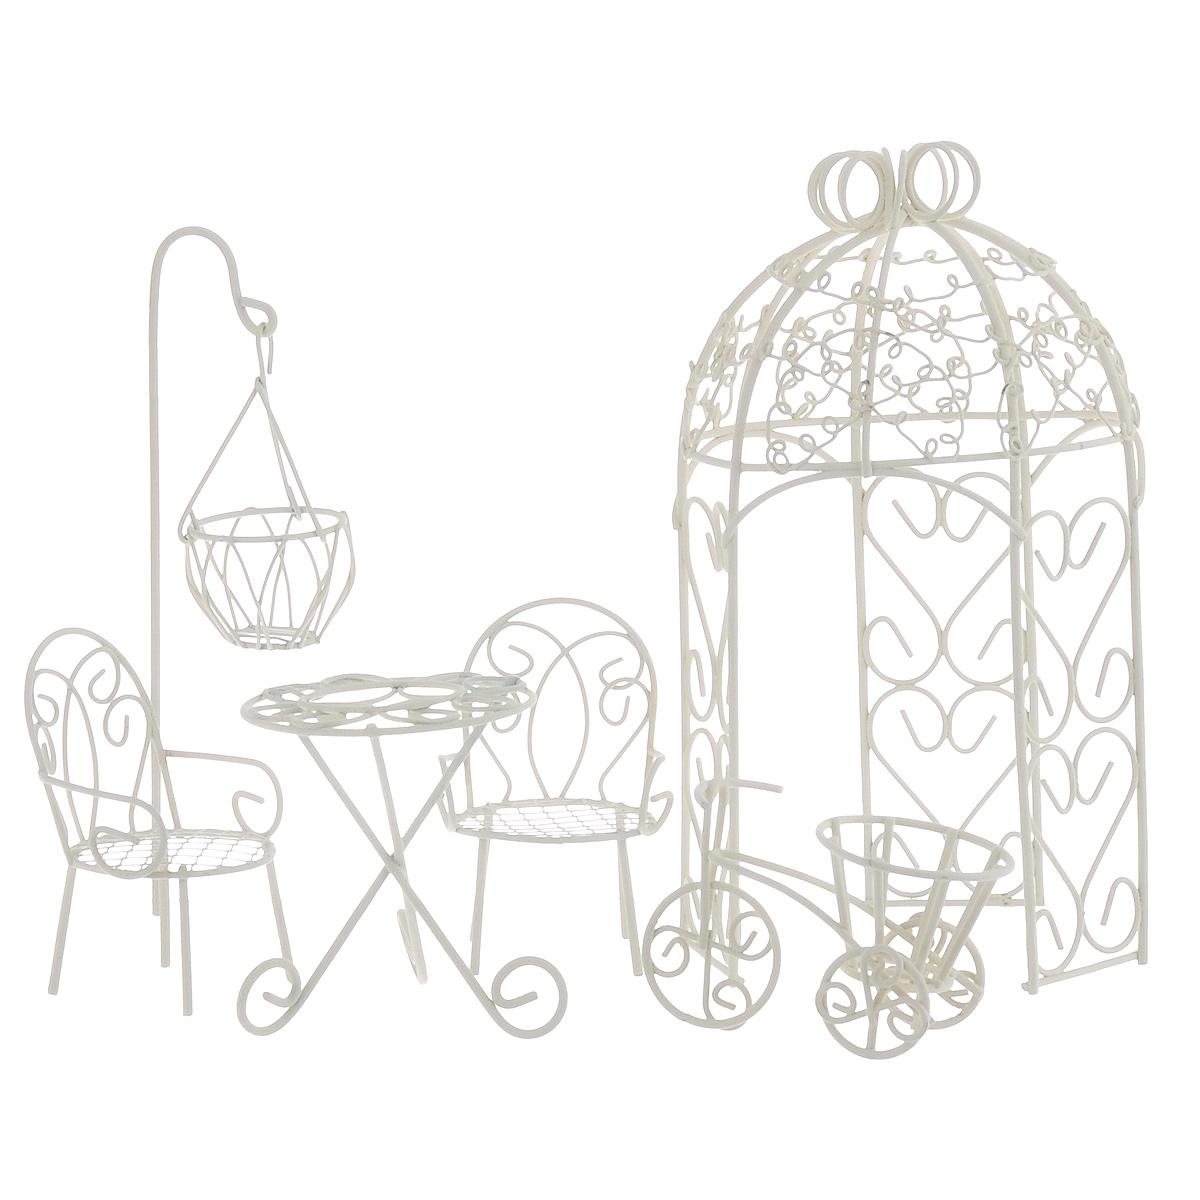 Миниатюра кукольная Bloom`its  Садовый декор , цвет: белый, 6 предметов - Игрушки своими руками